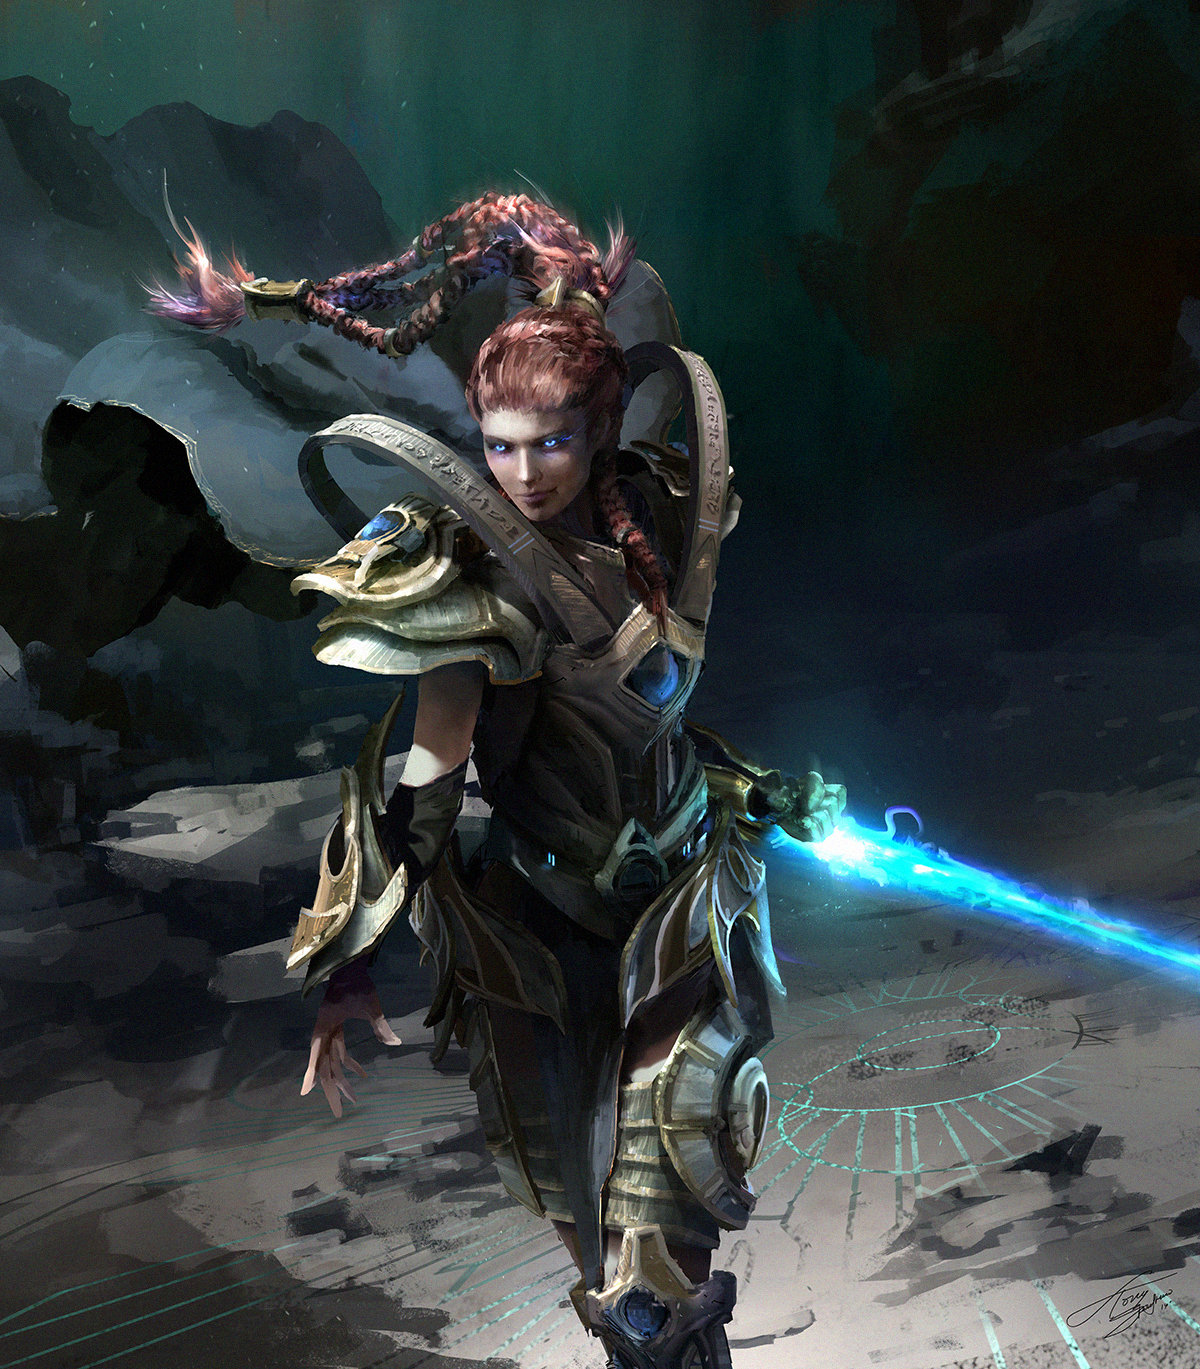 Queen of blades, Aleksei Grechenyuk | Starcraft, Starcraft